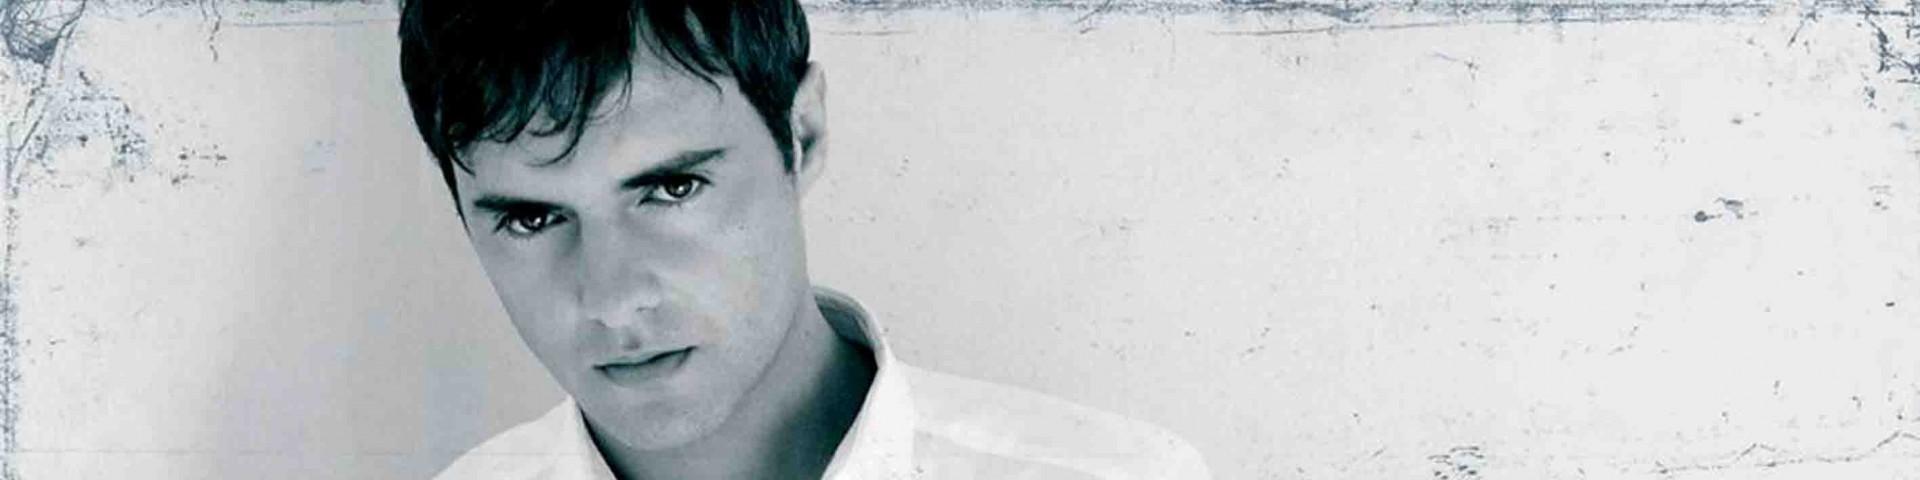 Meteore del pop: Good Charlotte, Eamon, Lost, Finley e Paolo Meneguzzi. Che fine hanno fatto?